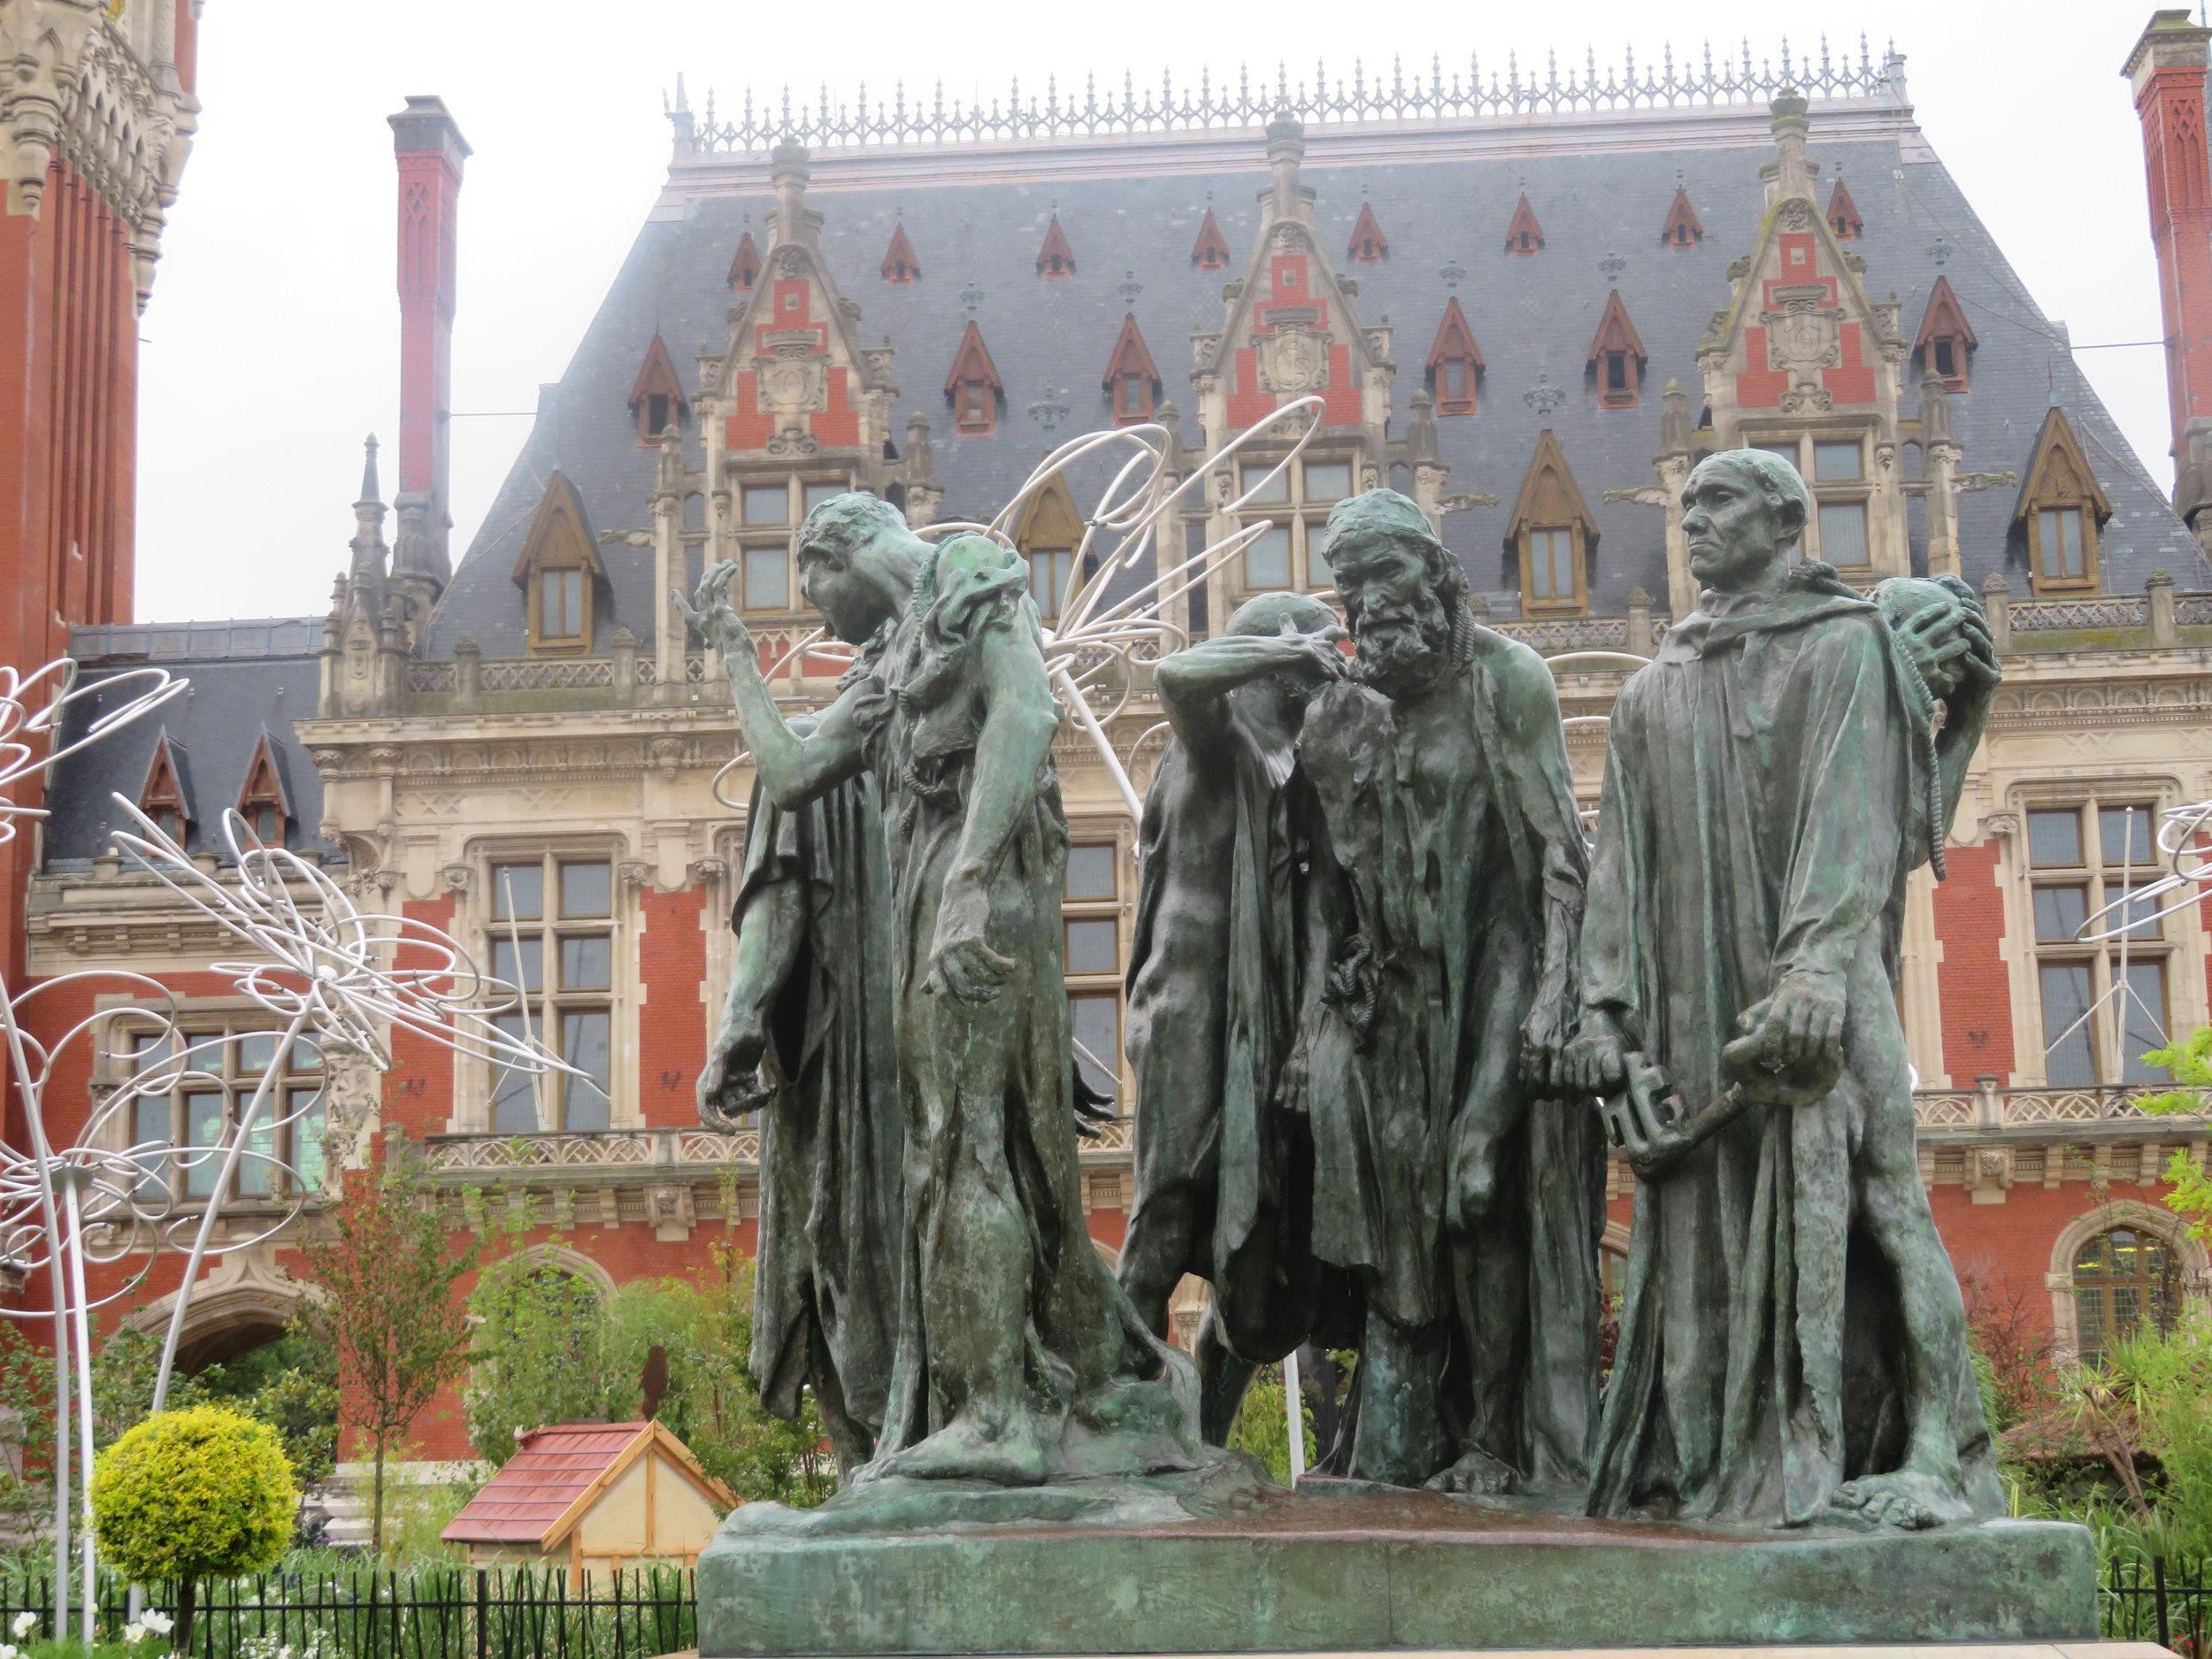 Les Bourgeois de Calais (The Burghers of Calais) by Auguste Rodin